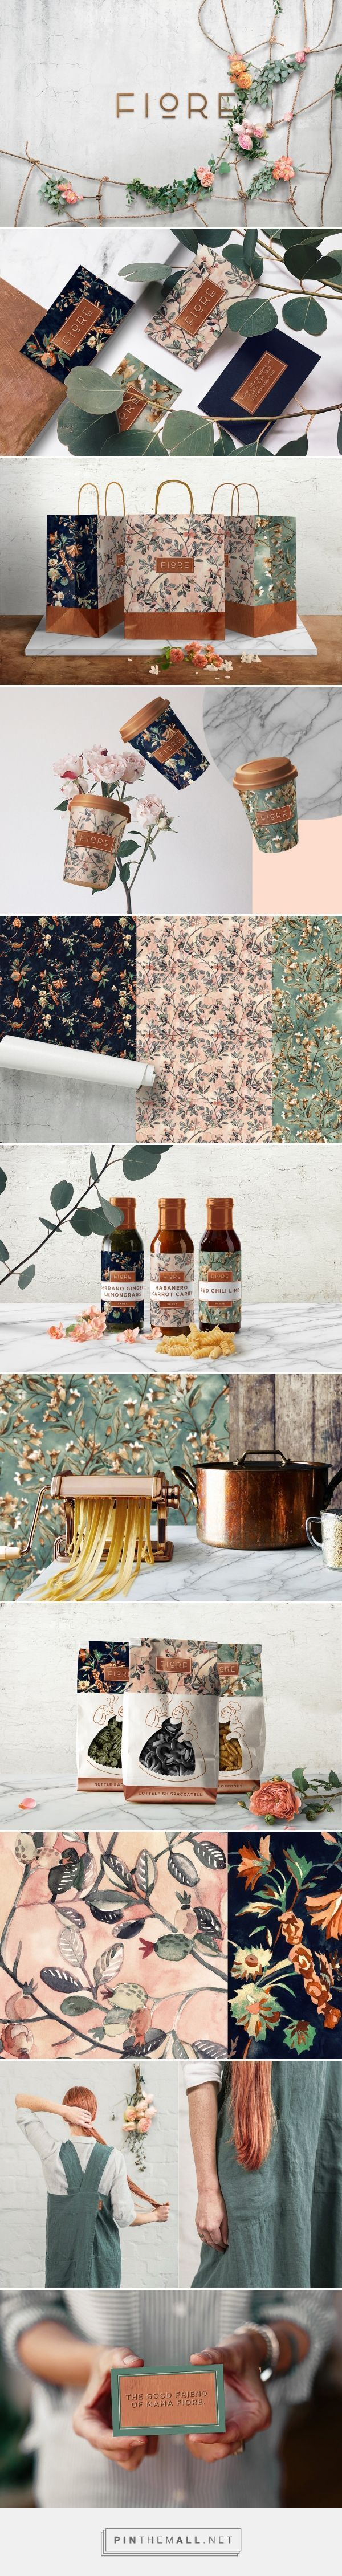 FIORE Italian Restaurant Branding by Noname Branding